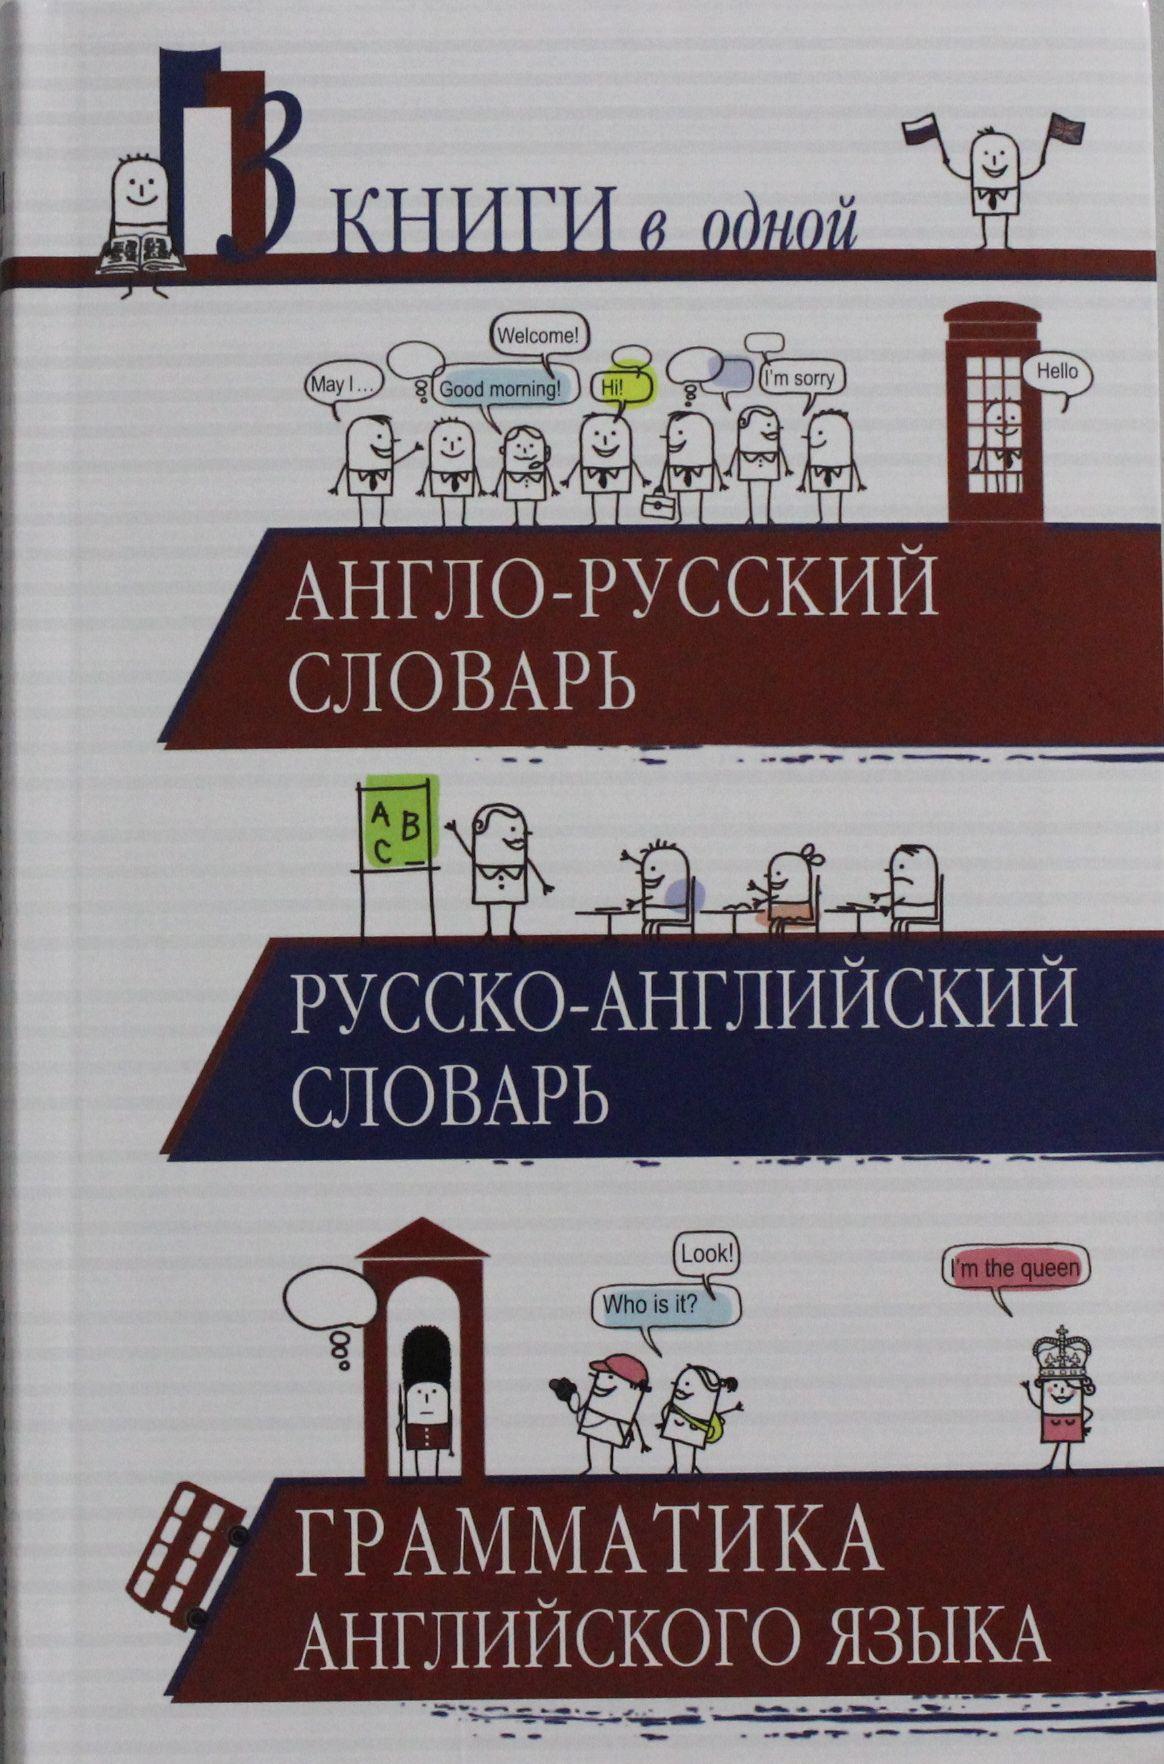 Anglo-russkij slovar. Russko-anglijskij slovar. Grammatika anglijskogo jazyka: 3 knigi v odnoj